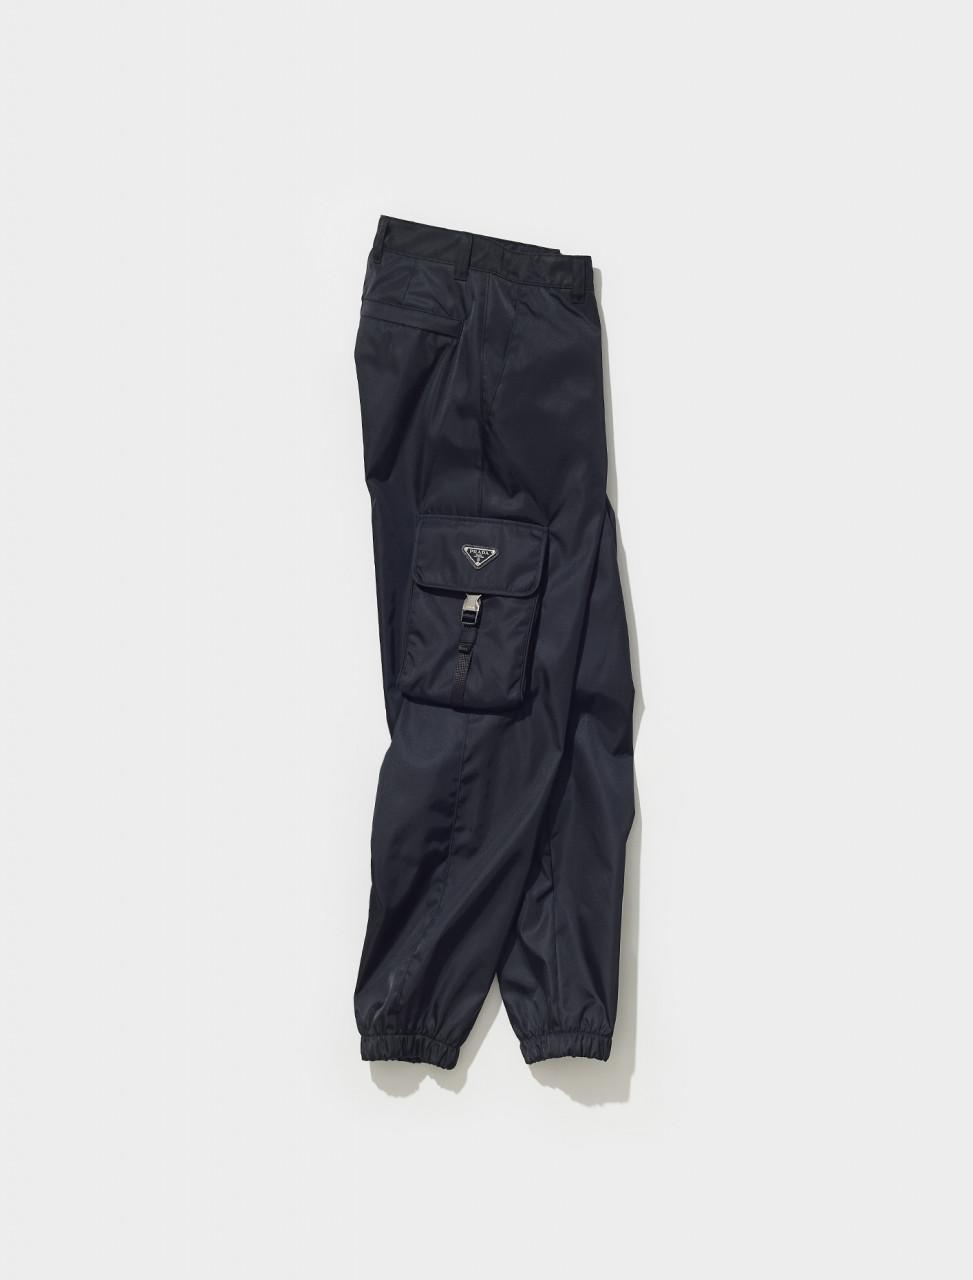 SPH130_1WQ8_F0002 PRADA RE NYLON CARGO PANTS IN BLACK